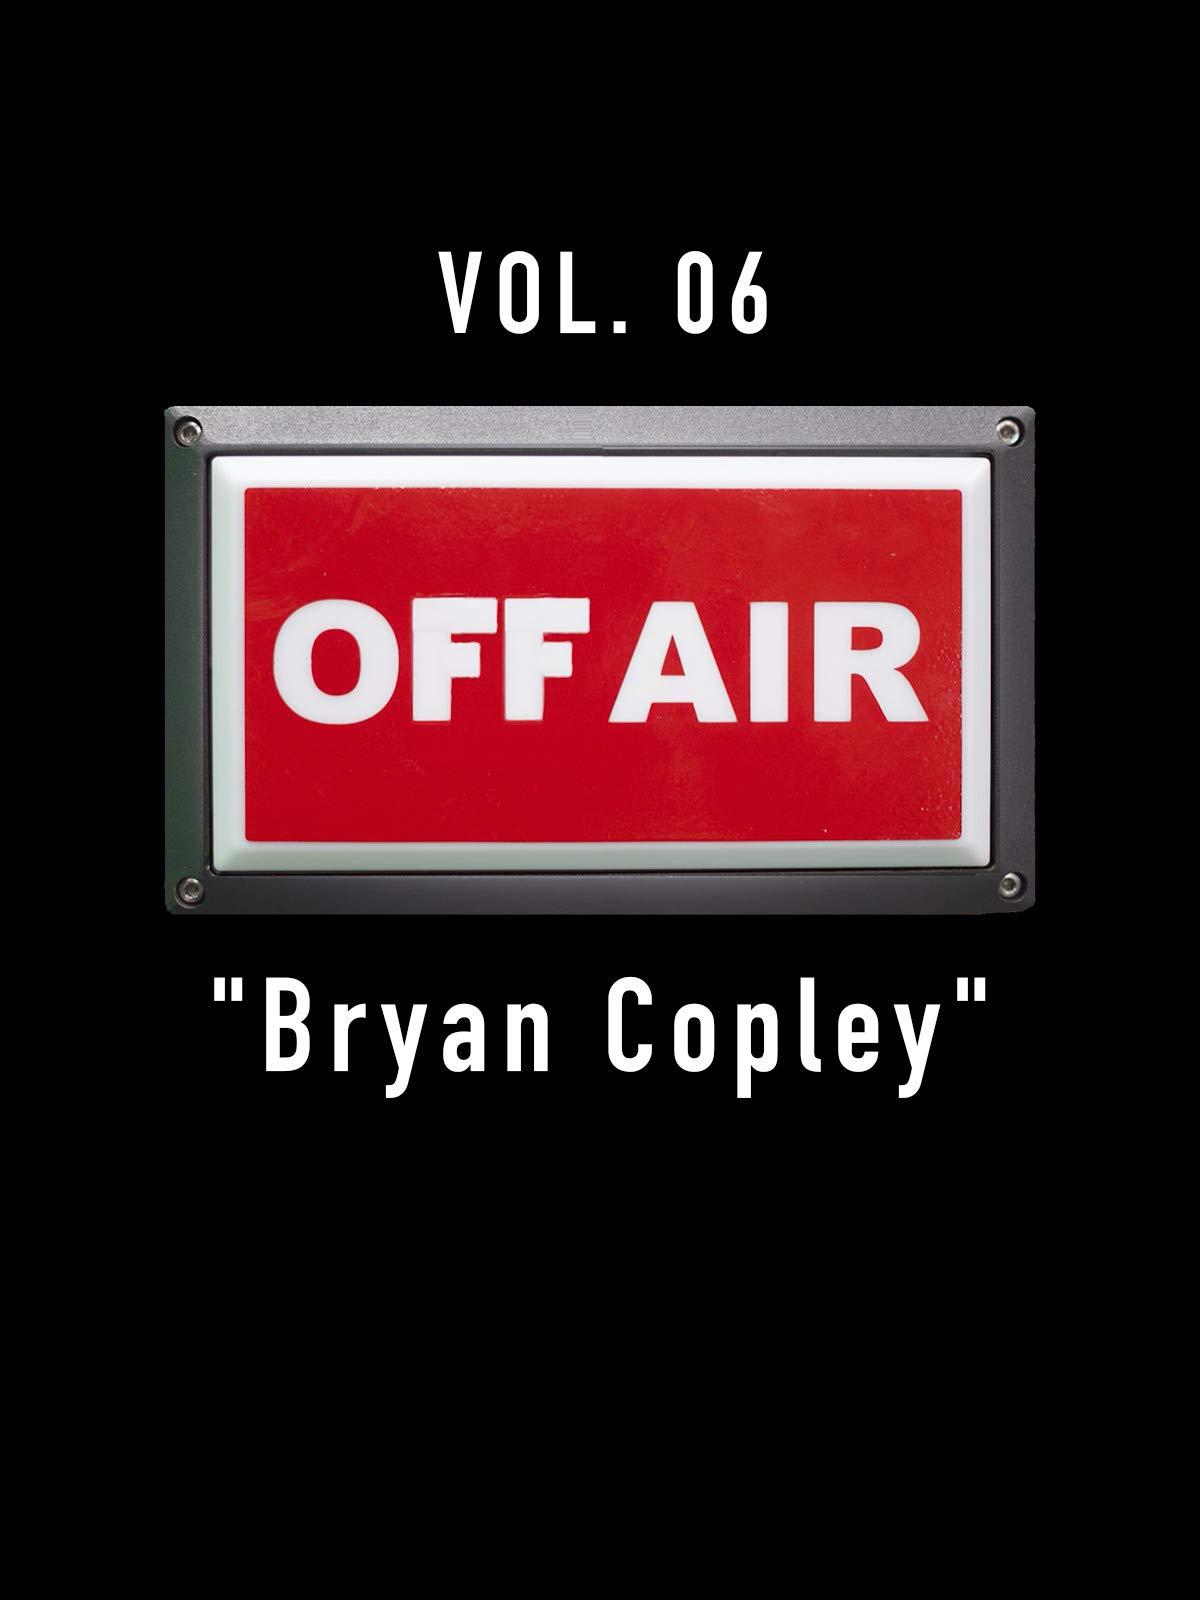 Off-Air Vol. 06